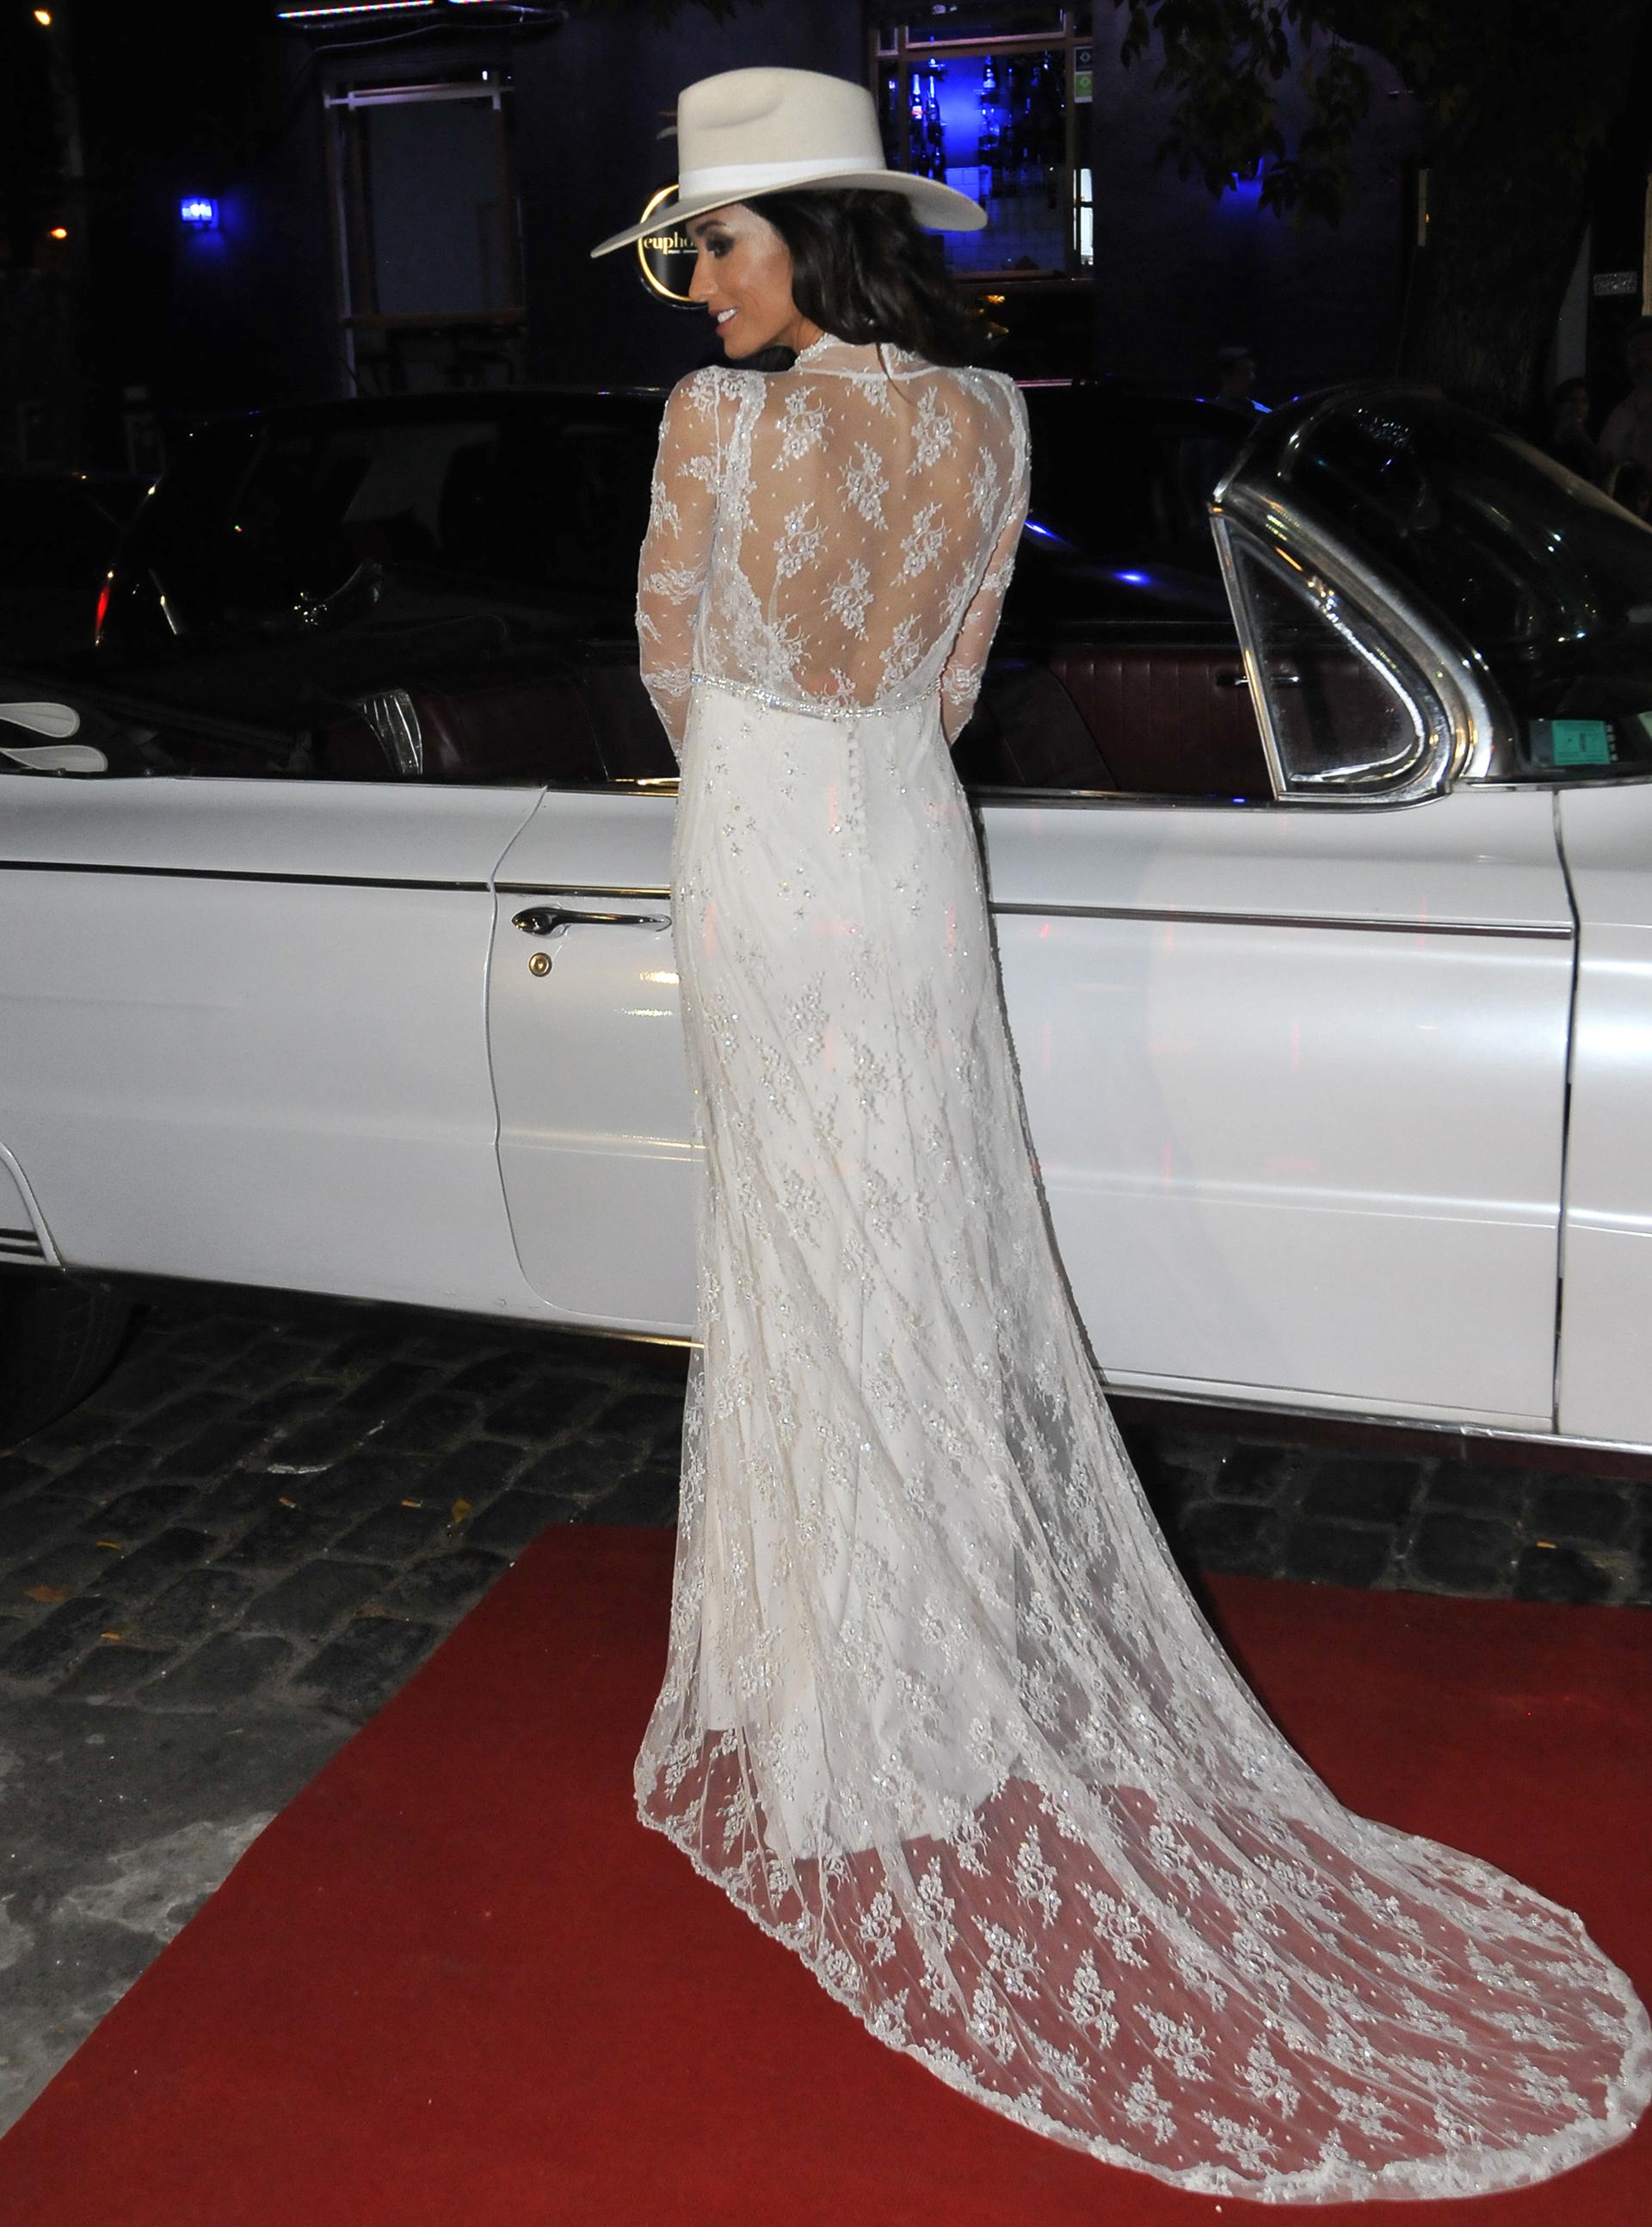 El look: Paz Cornú optó por un vestido blanco, bordado, de dos capas y un sombrero